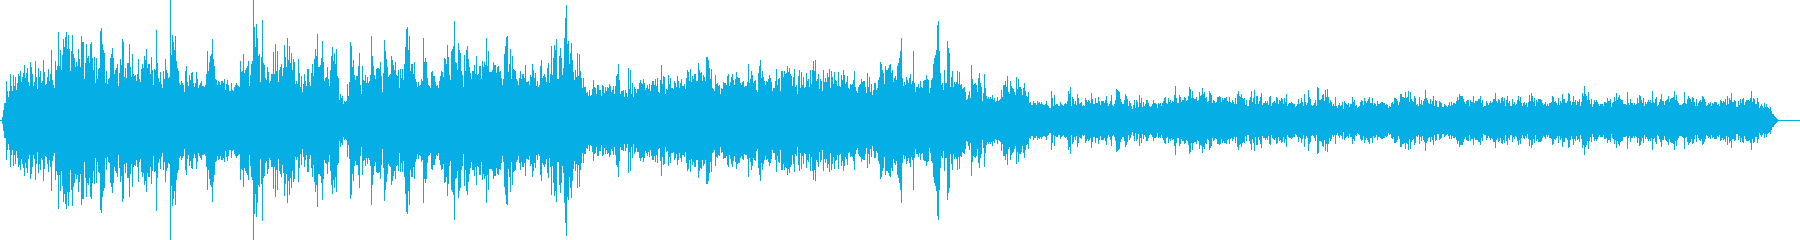 道路を軽自動車が走る音 (車内の音)の再生済みの波形